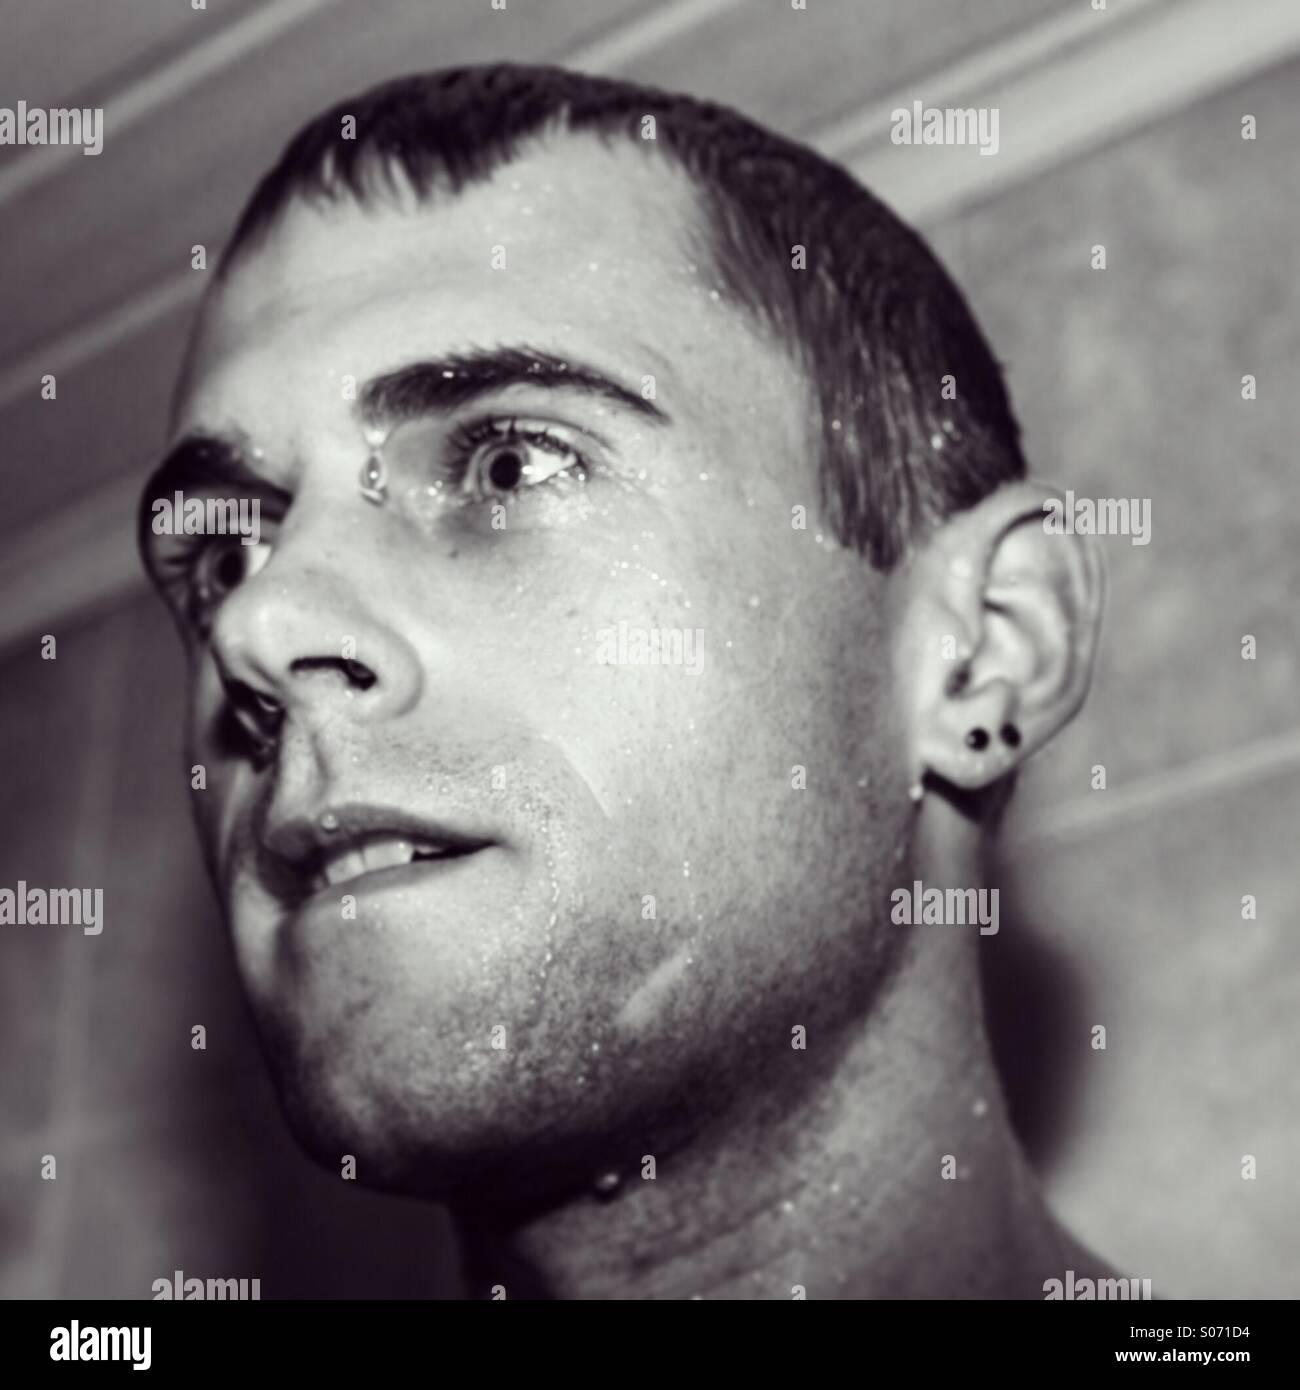 El hombre con la cara húmeda en la ducha Imagen De Stock